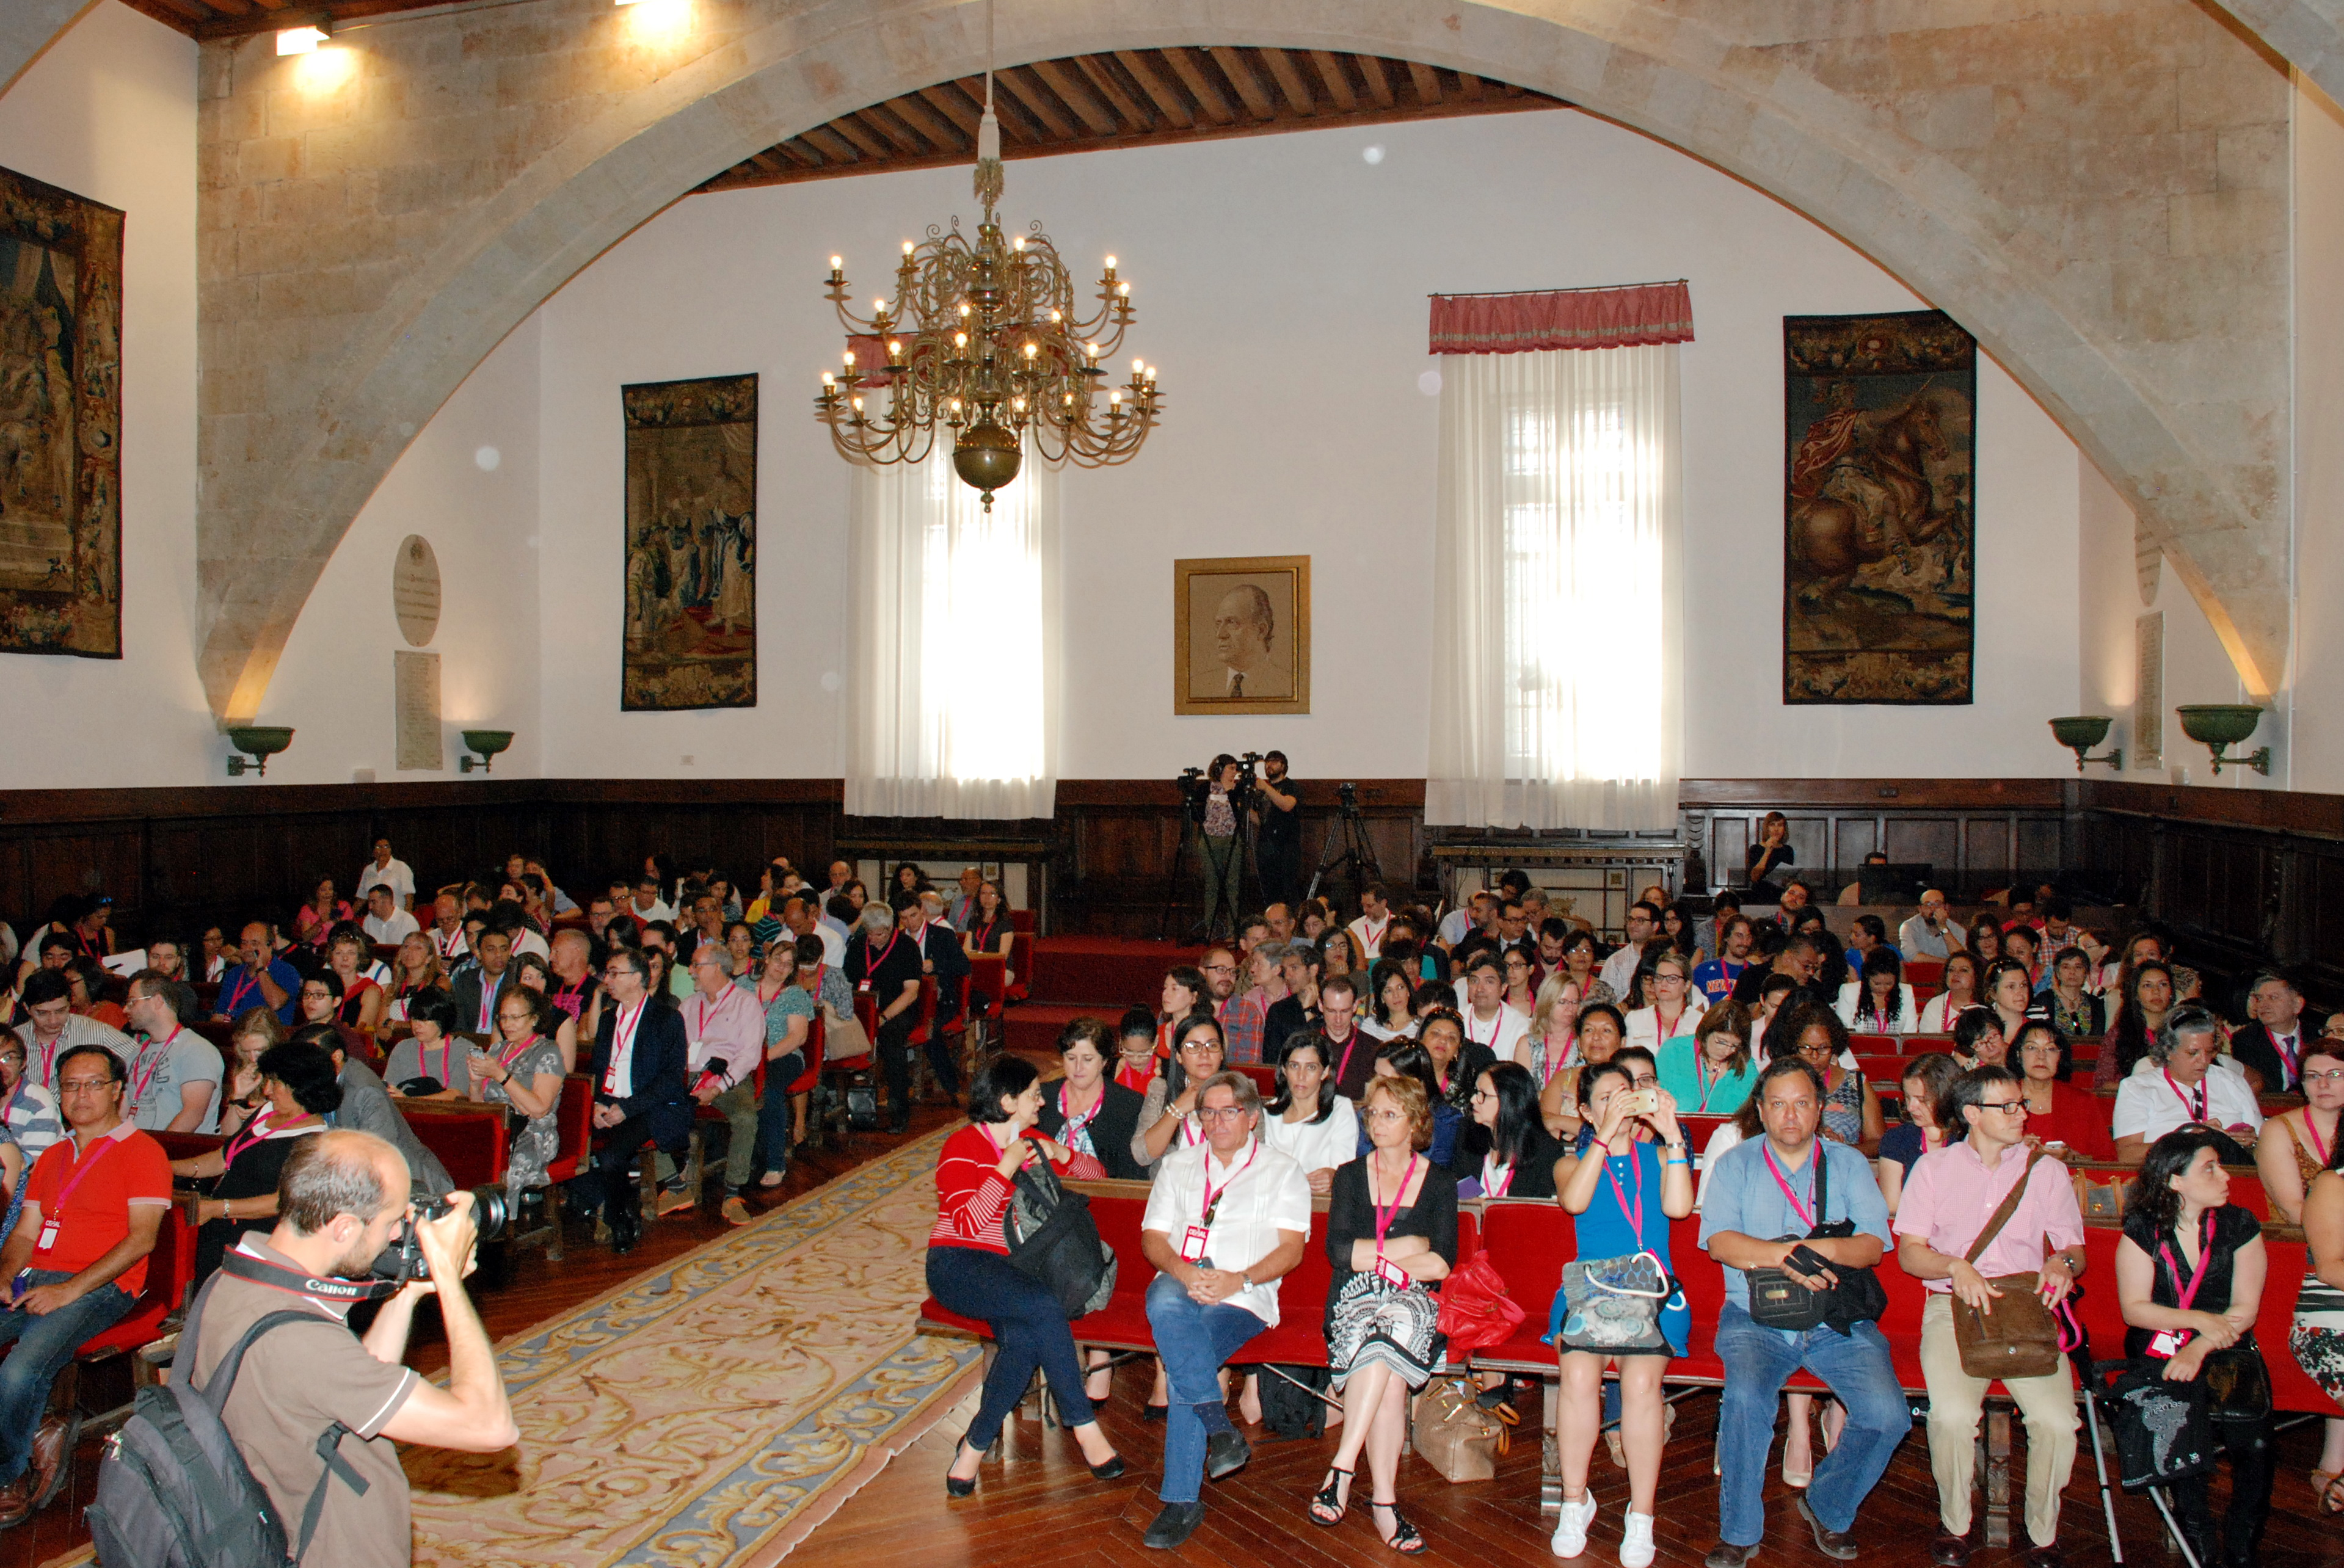 La inauguración de CEISAL 2016 pone de manifiesto la vocación latinoamericana de Salamanca